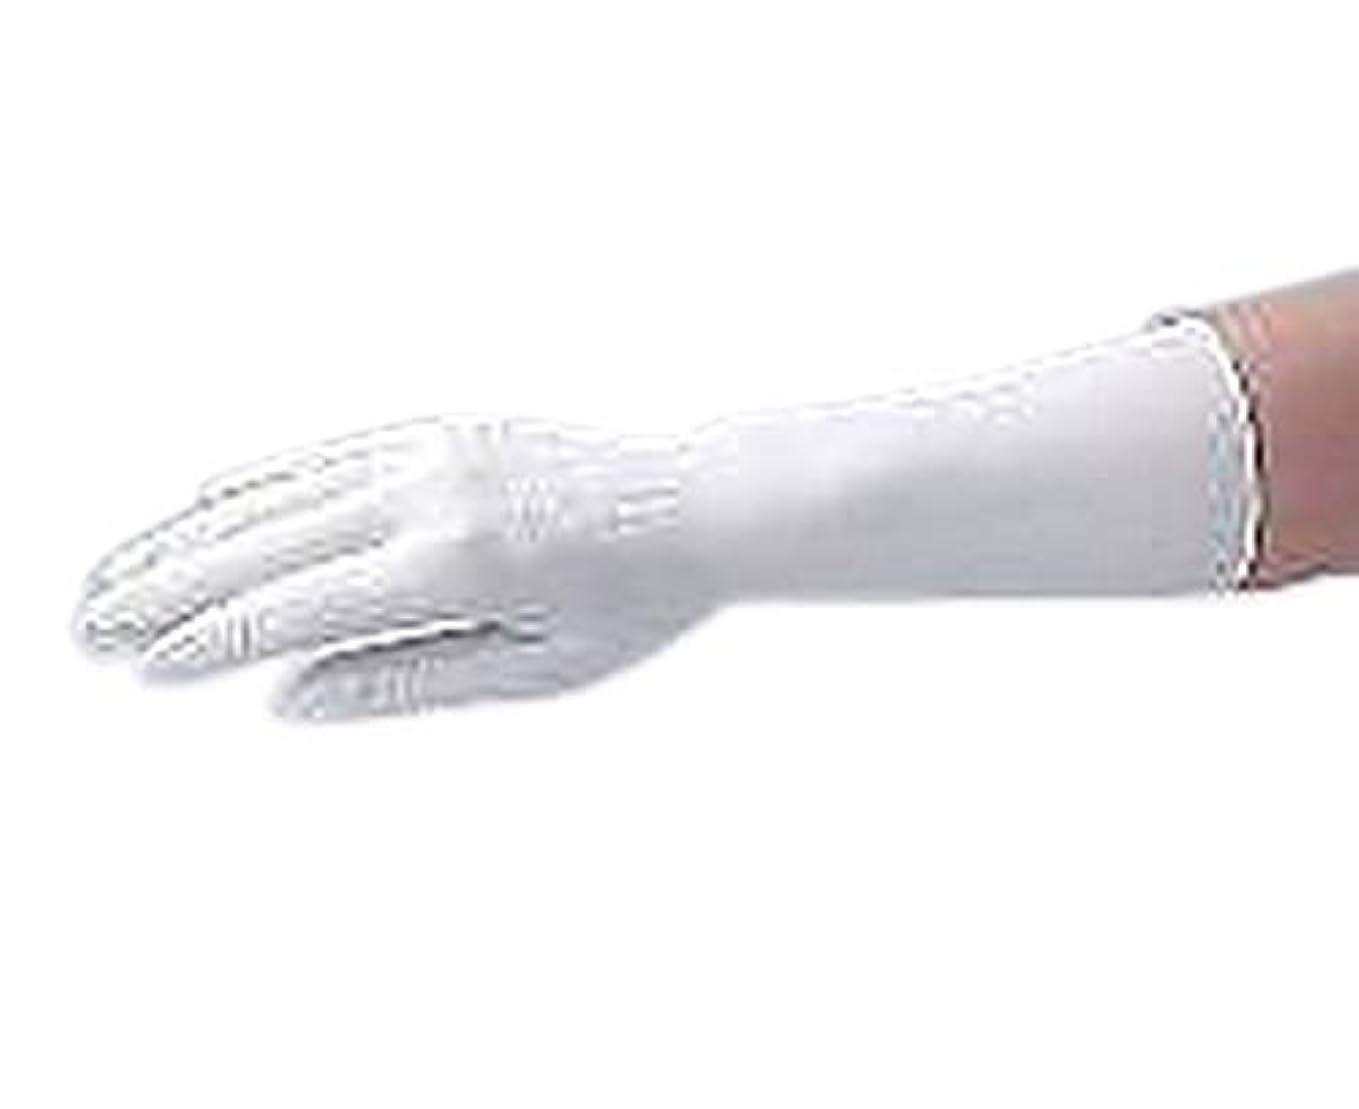 感謝するリンクスカリーアズワン アズピュア クリーンノール ニトリル手袋(ペアタイプ) S 左右各100枚×5袋入 /1-2323-52